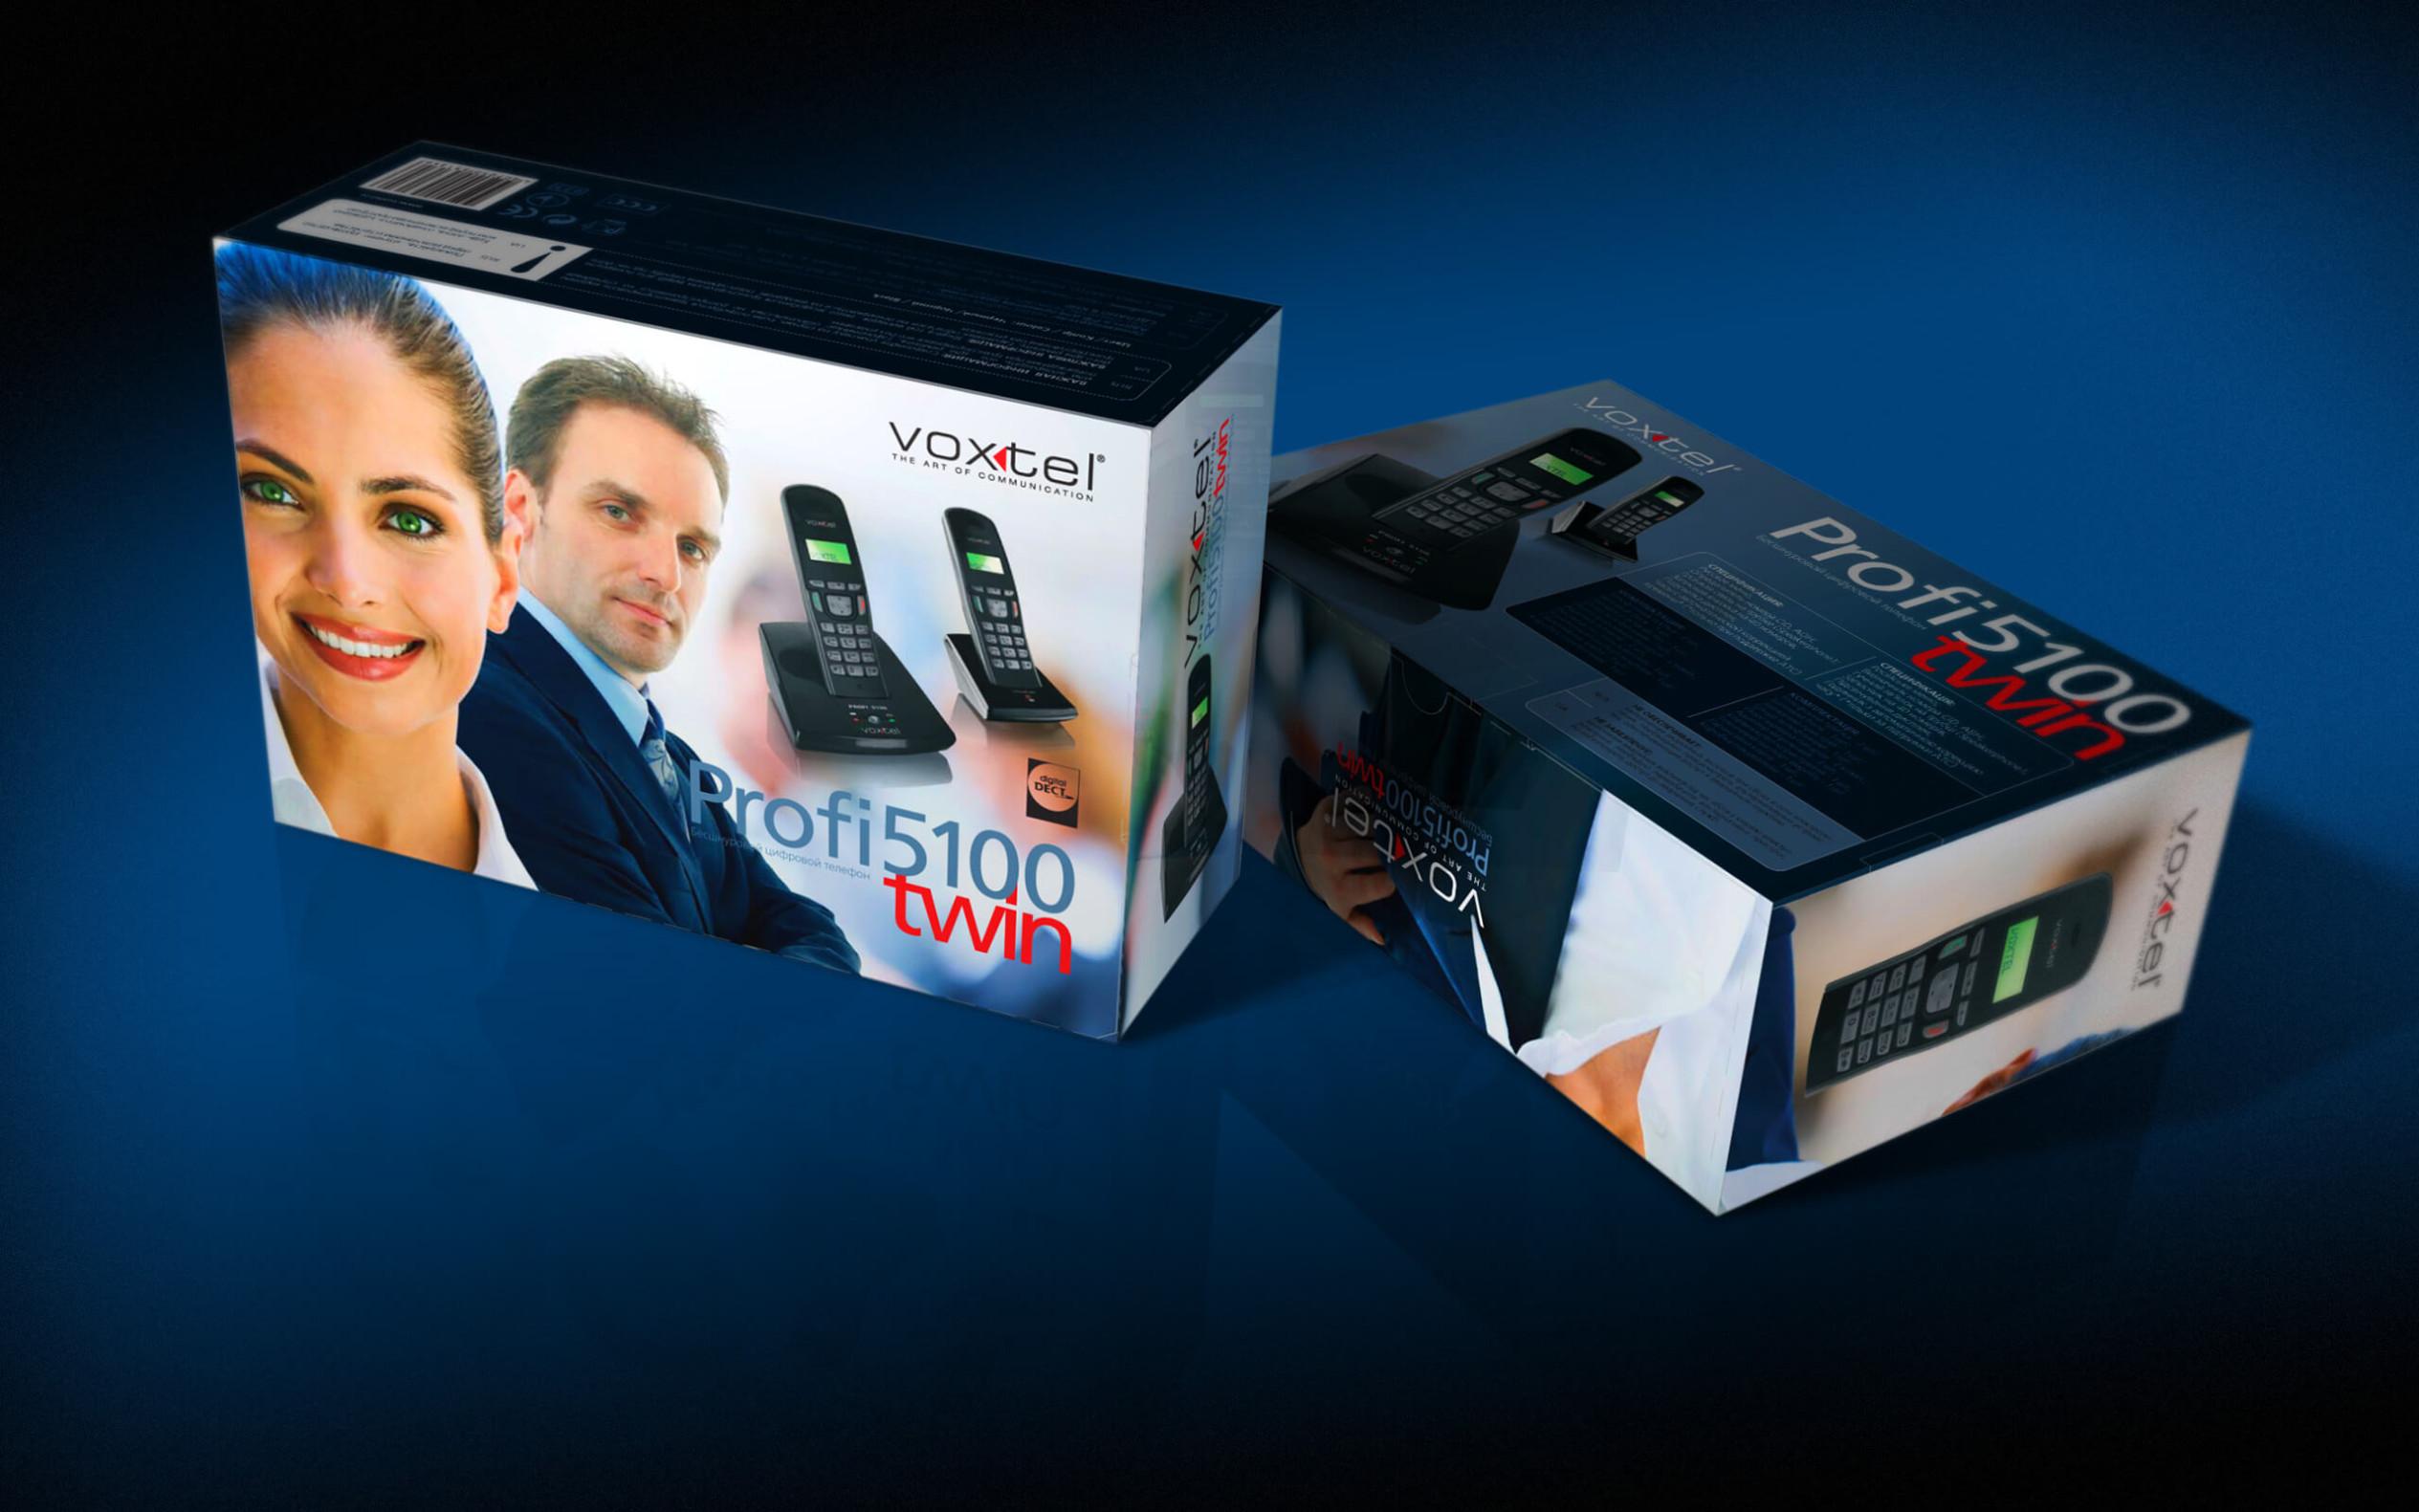 Упаковка вокстел voxtel дизайн телефоны